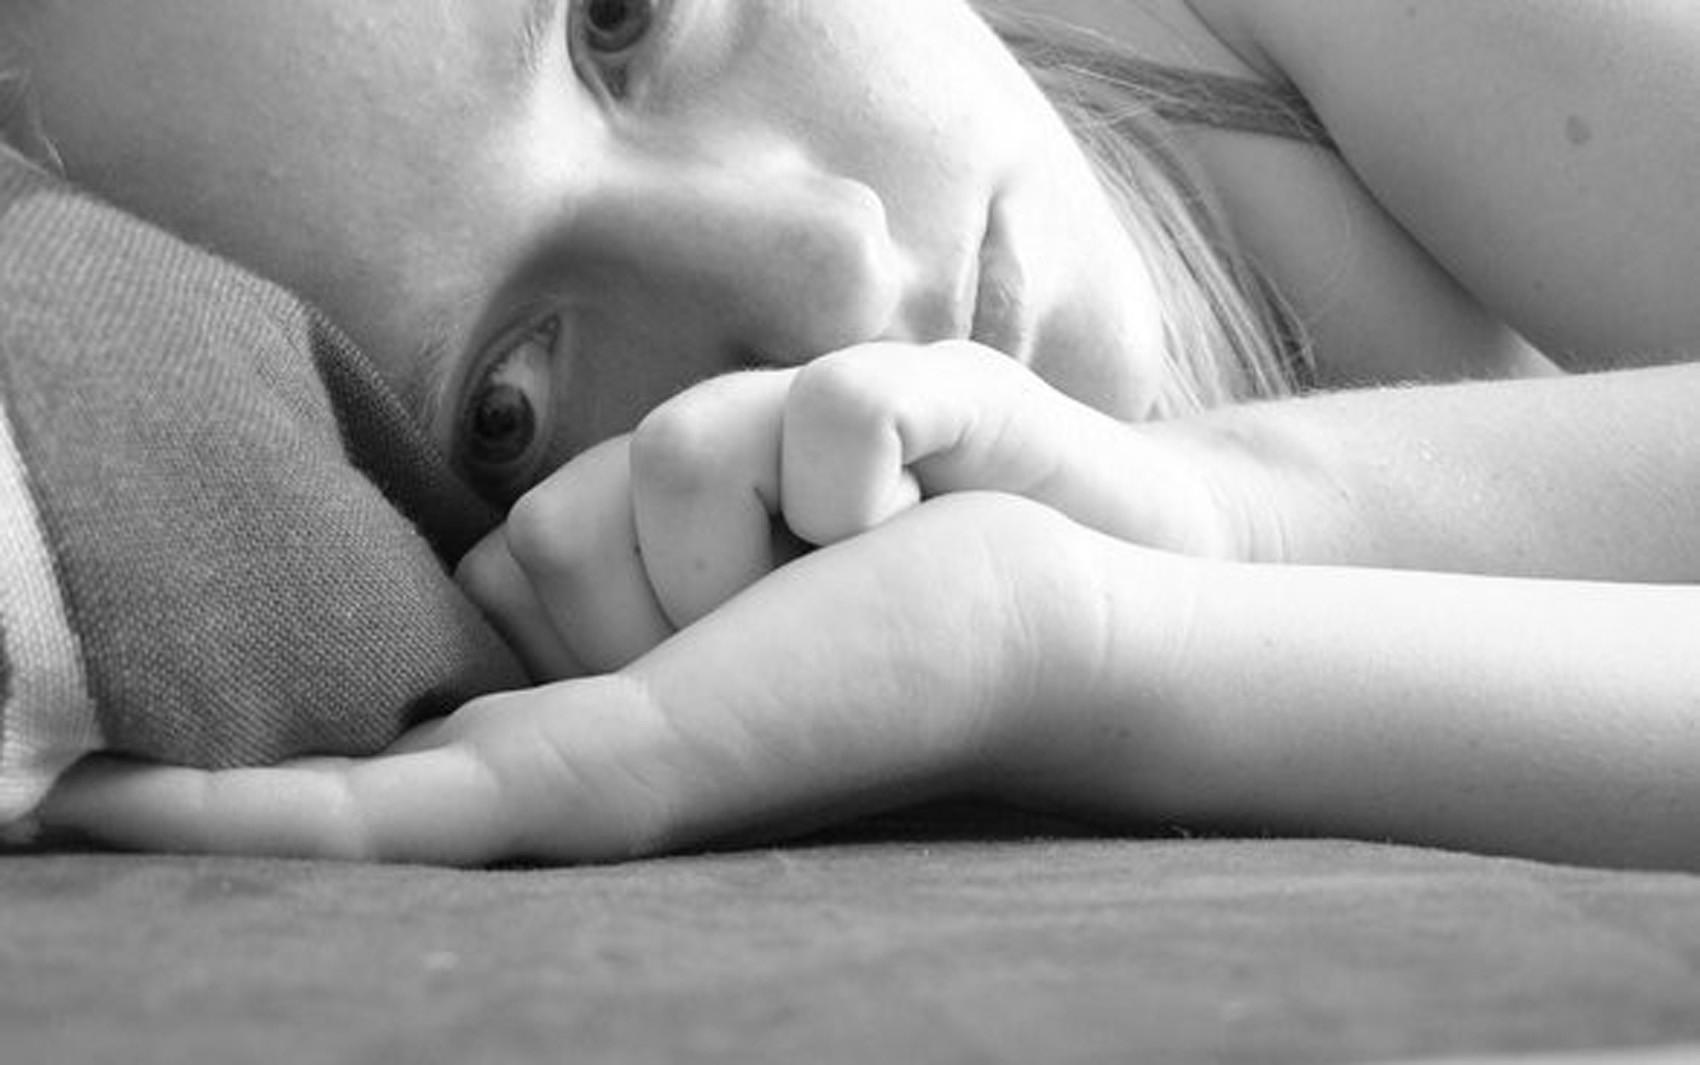 Depressão pode ter risco hereditário, dizem pesquisadores